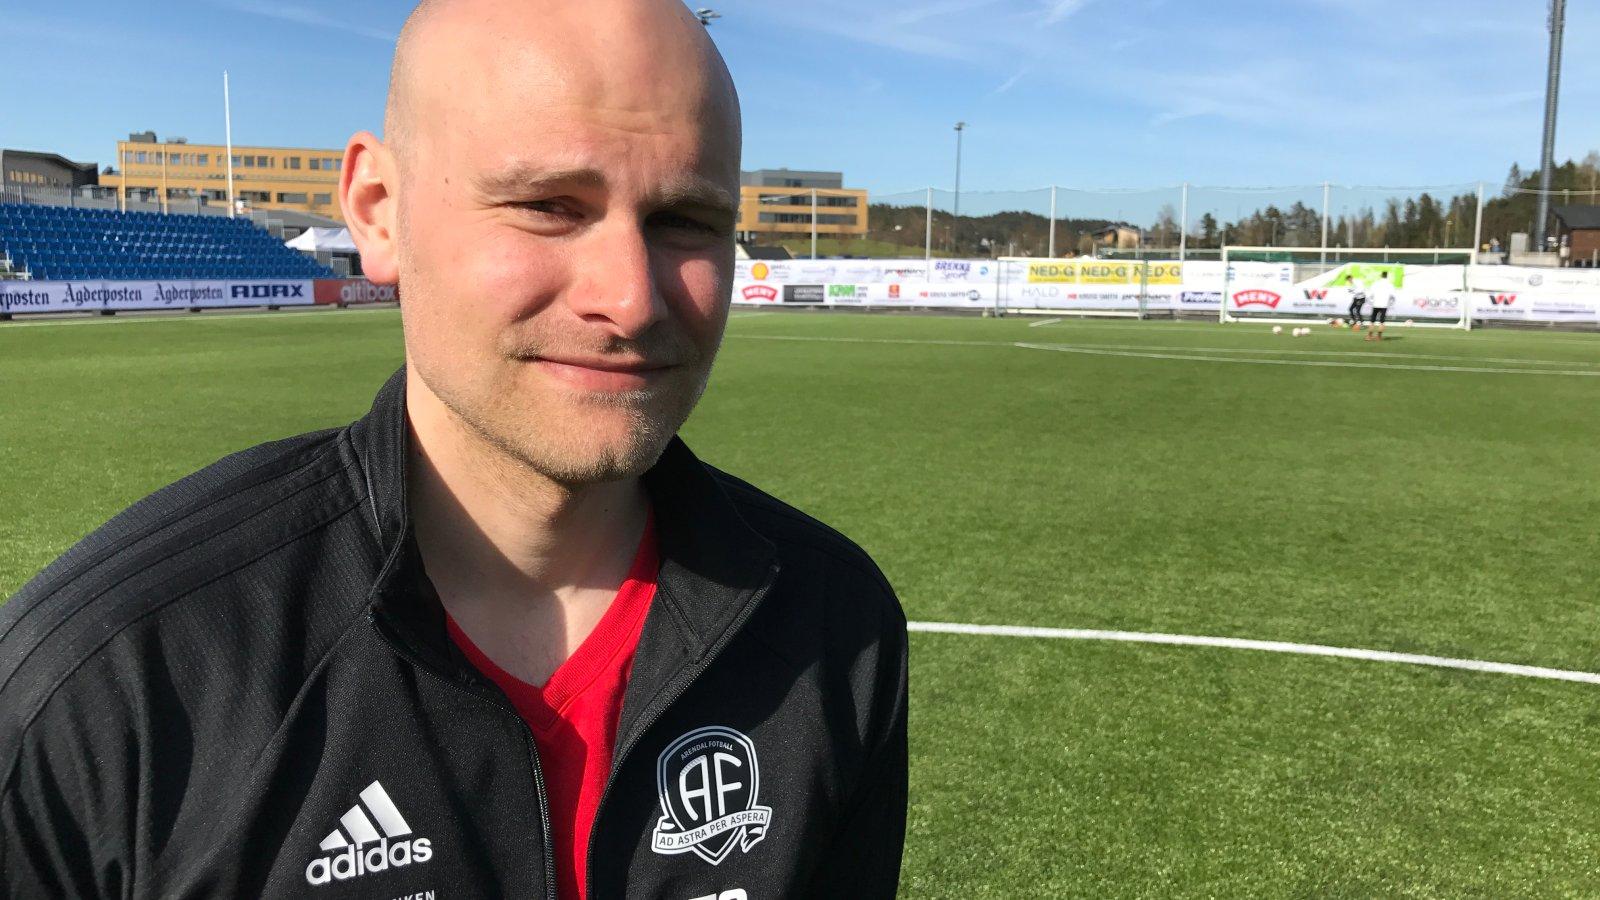 Torbjørn Selås håper at skadesituasjonen vil være mindre belastende utover i sesongen.